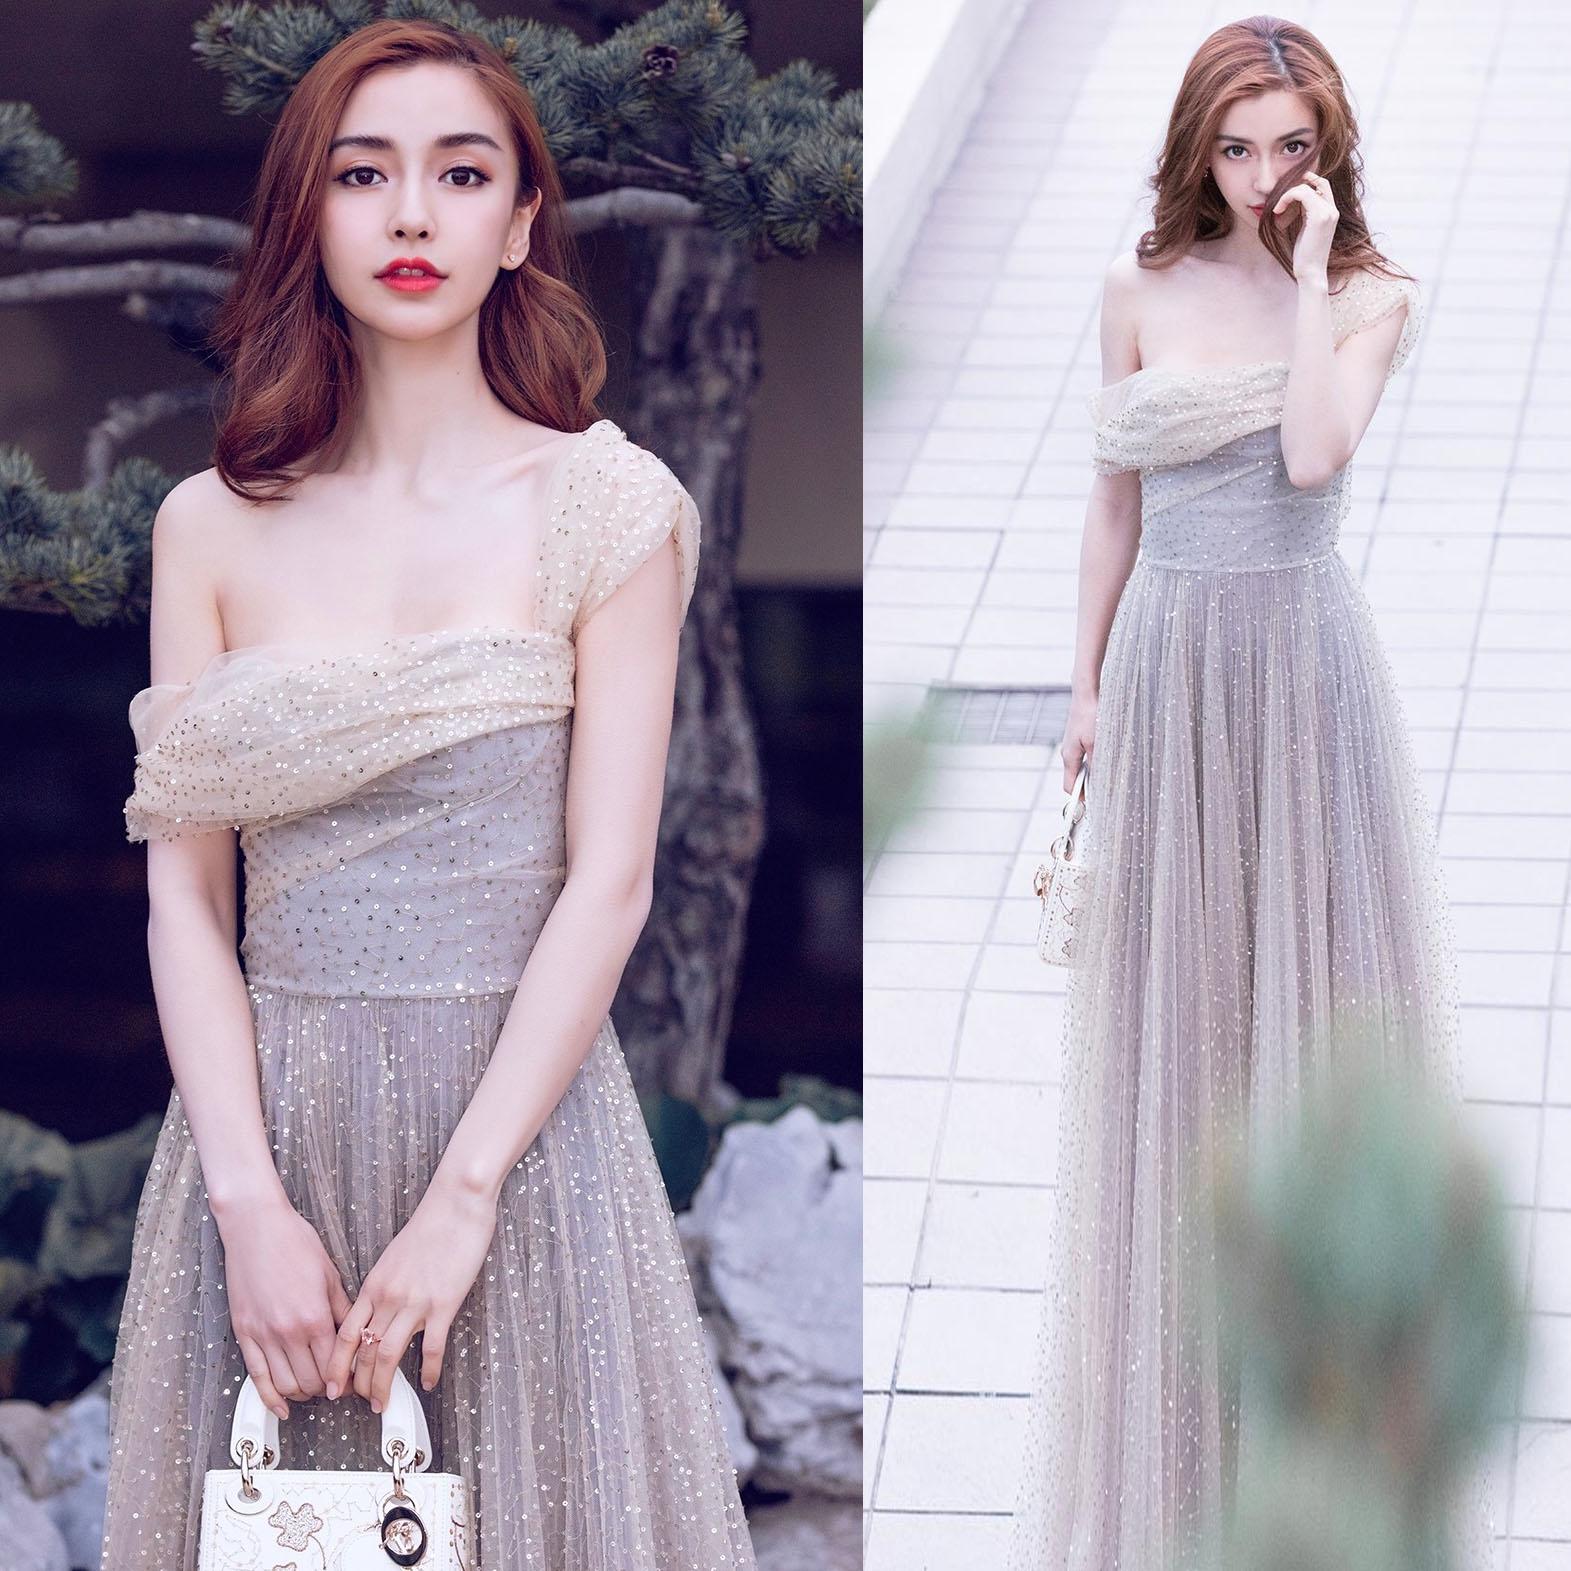 天使嫁衣星空银色生日晚宴演出裙热销12件限时2件3折